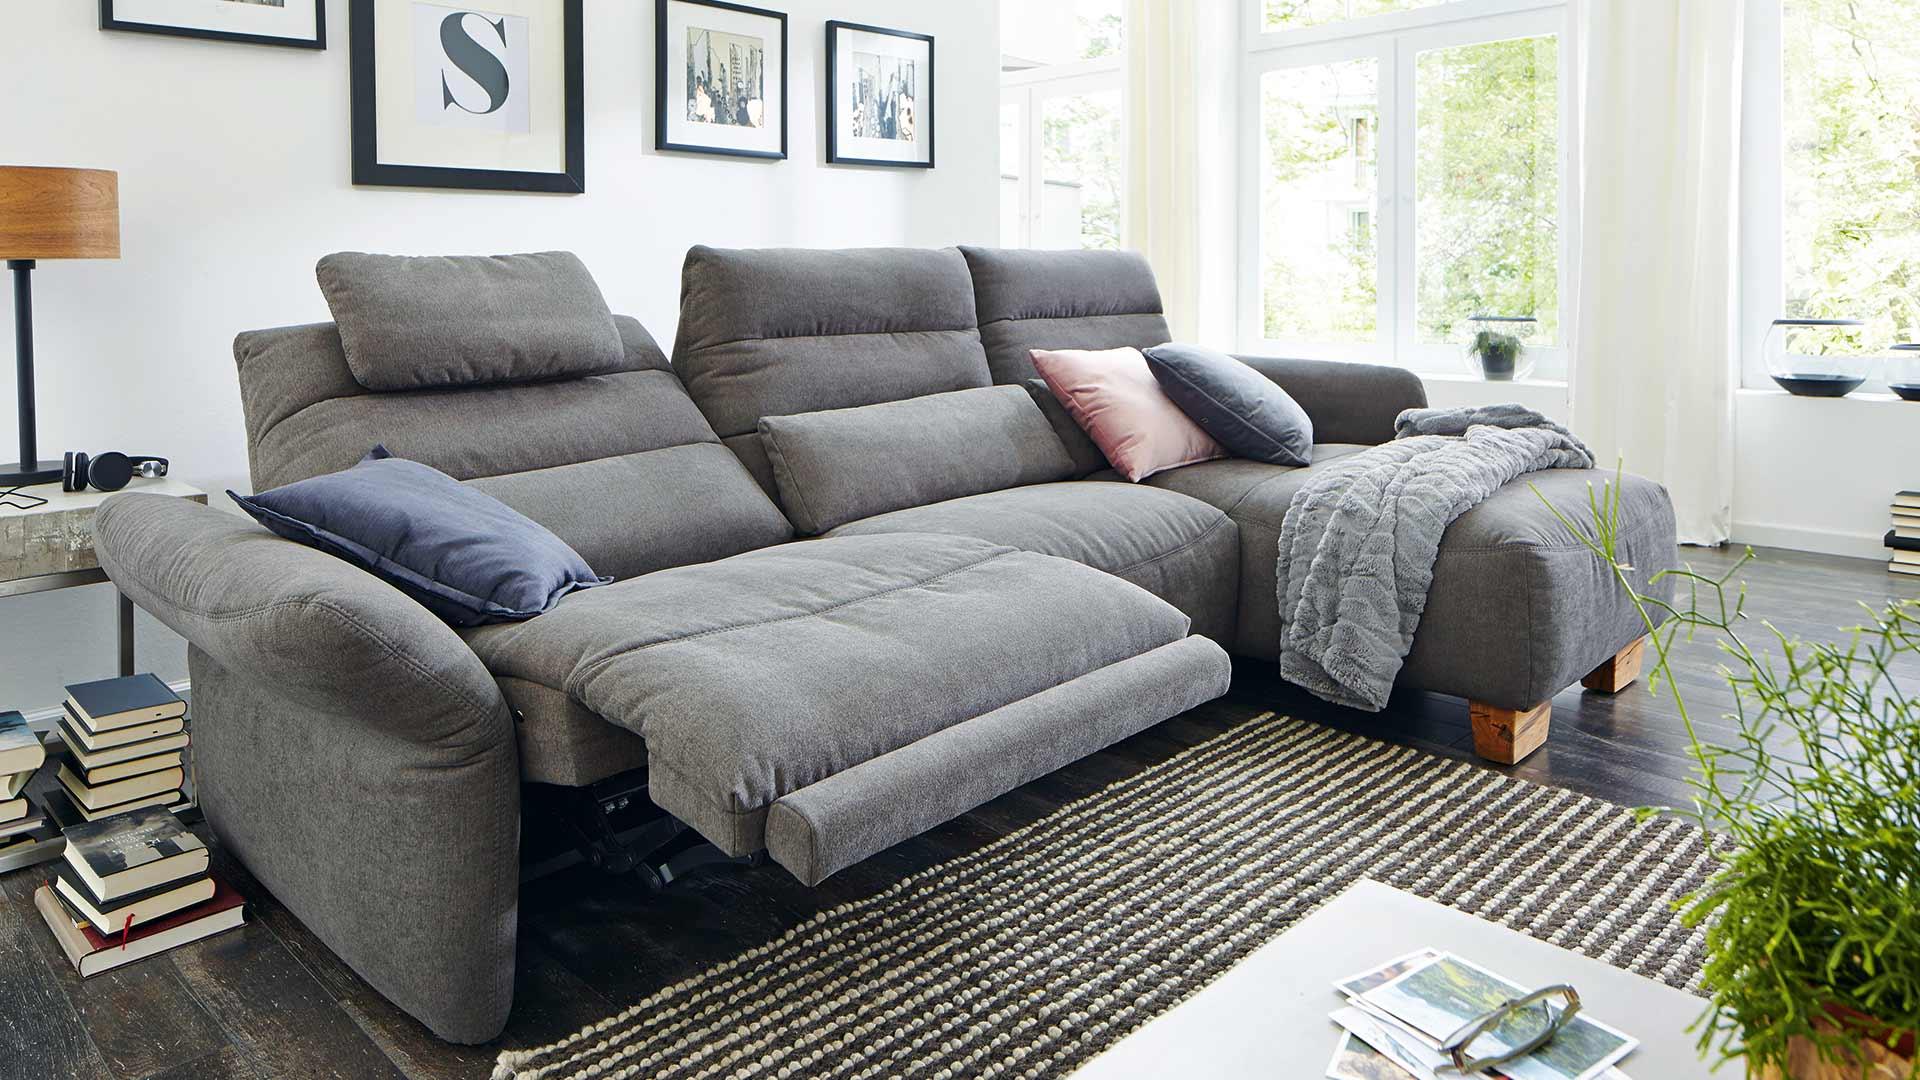 gro z gig polsterm bel mit relaxfunktion galerie die. Black Bedroom Furniture Sets. Home Design Ideas